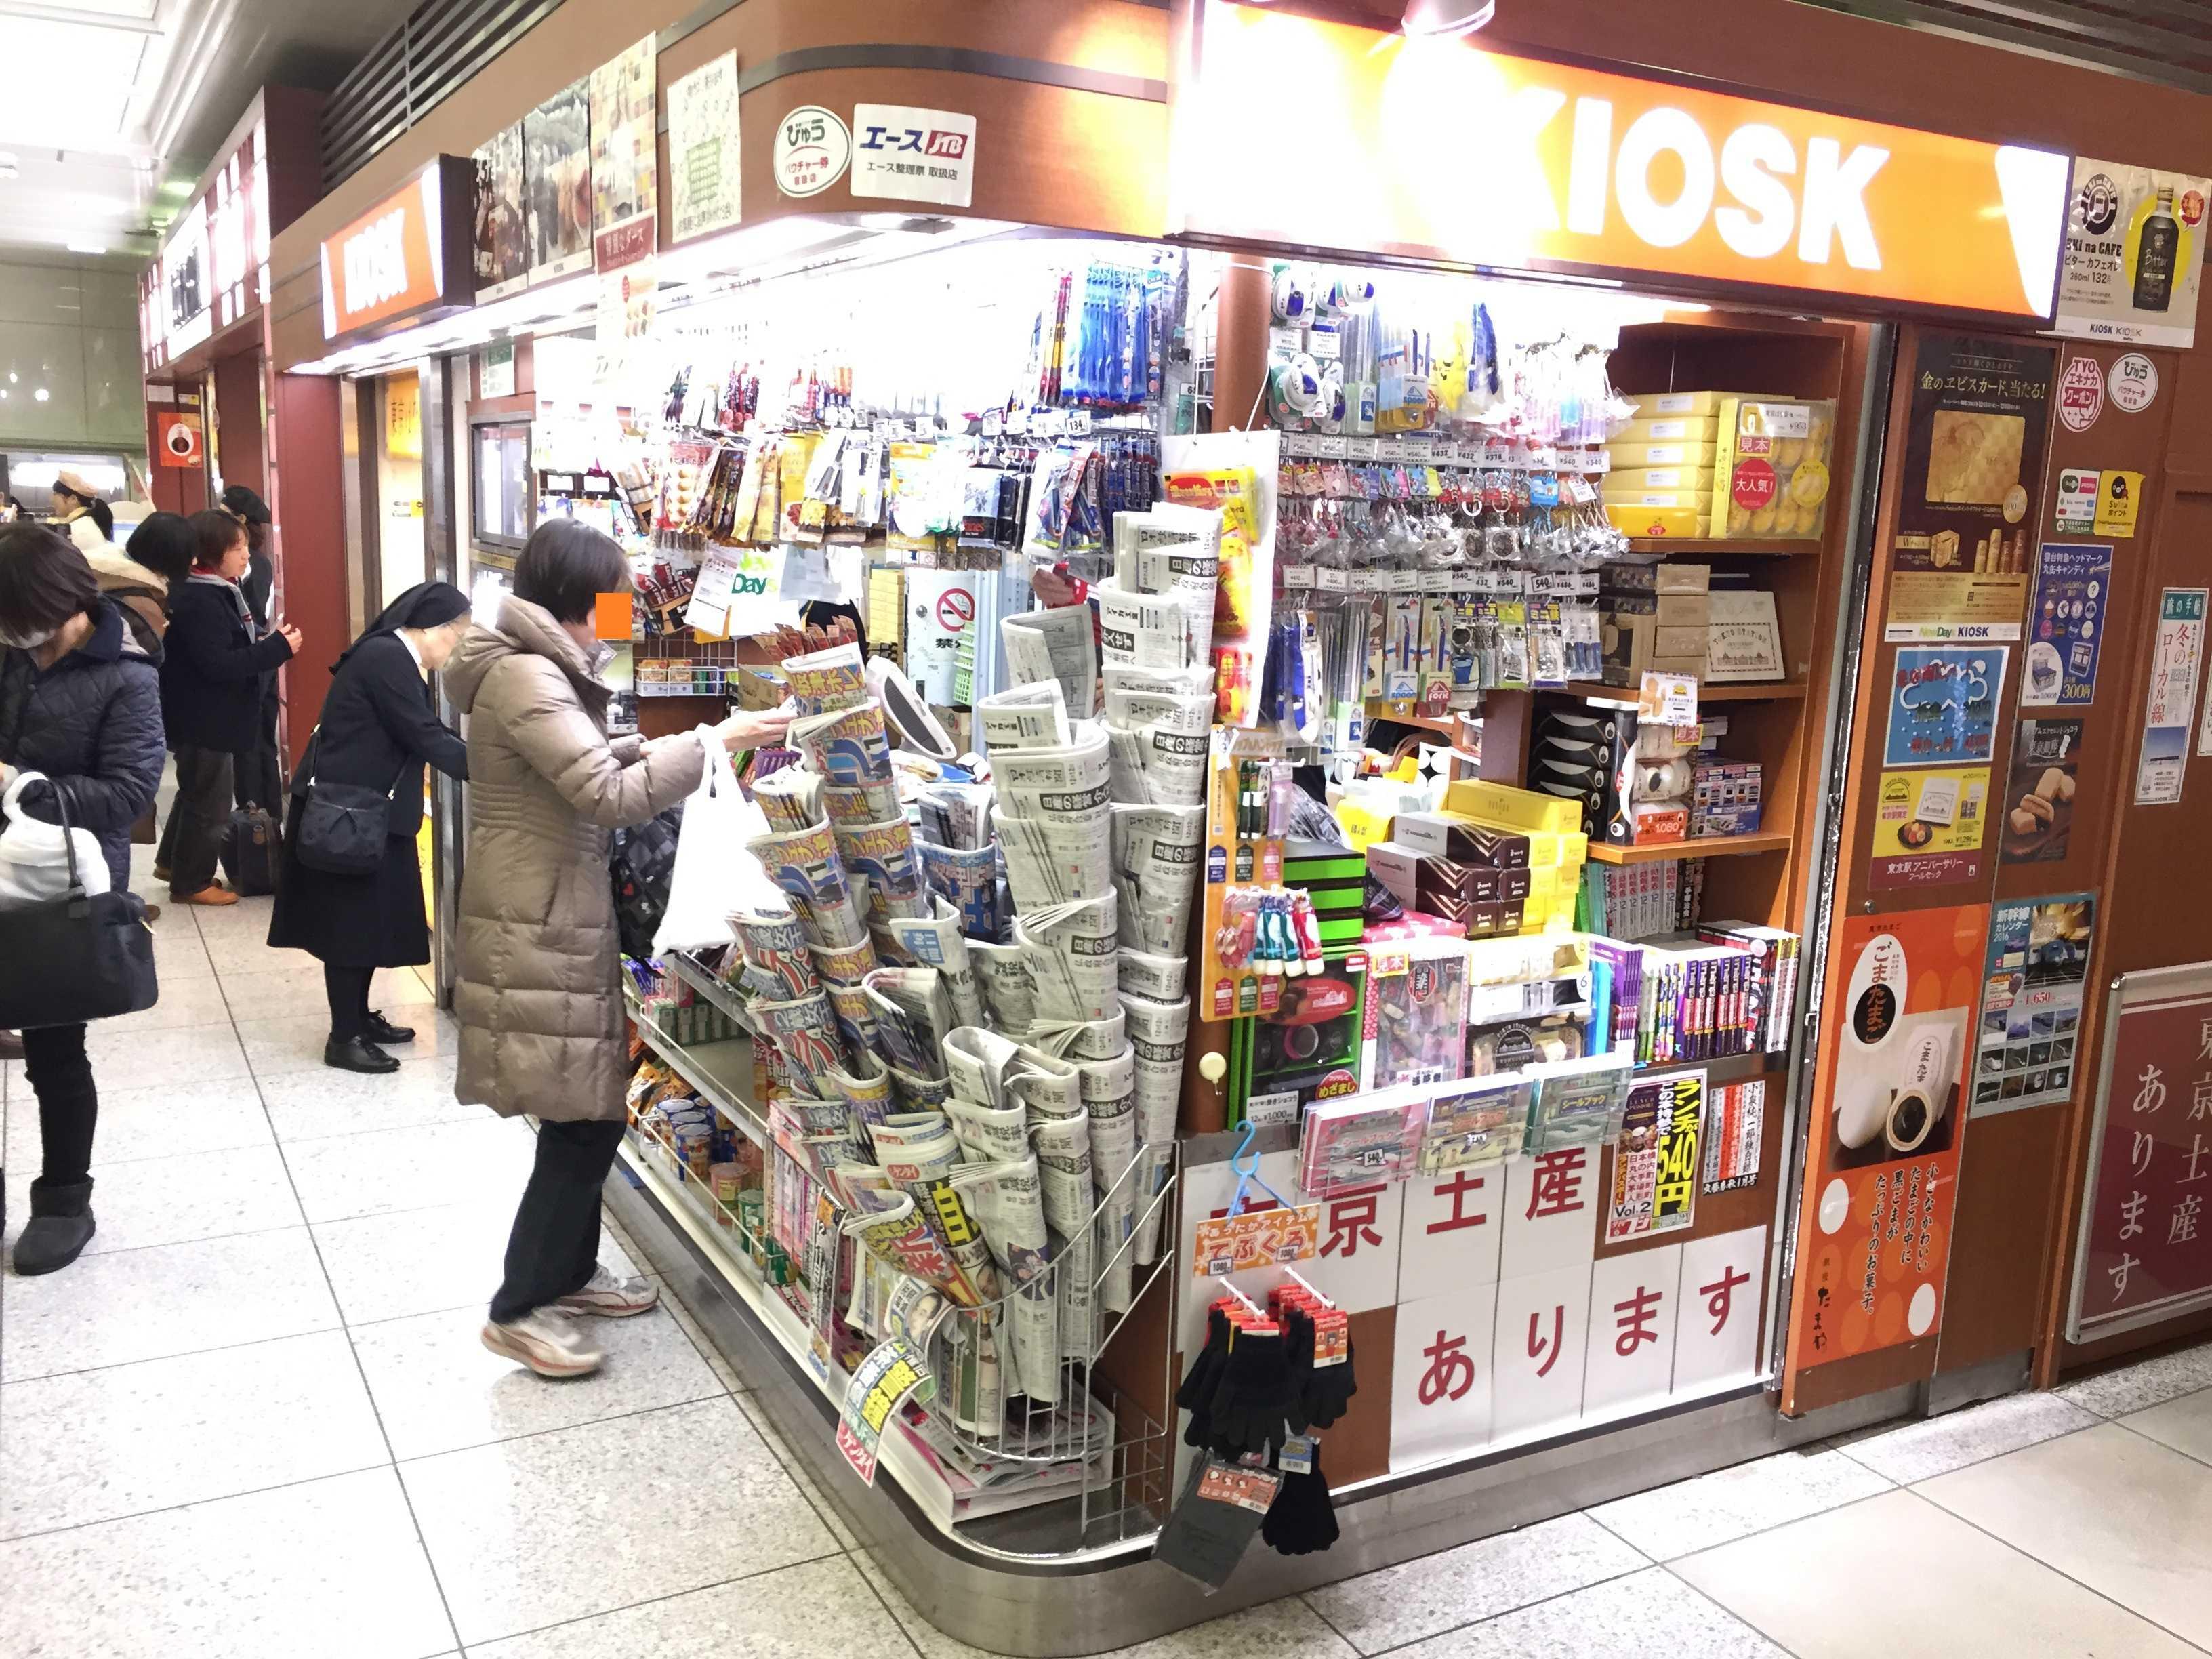 東京駅のキオスク(KIOSK)